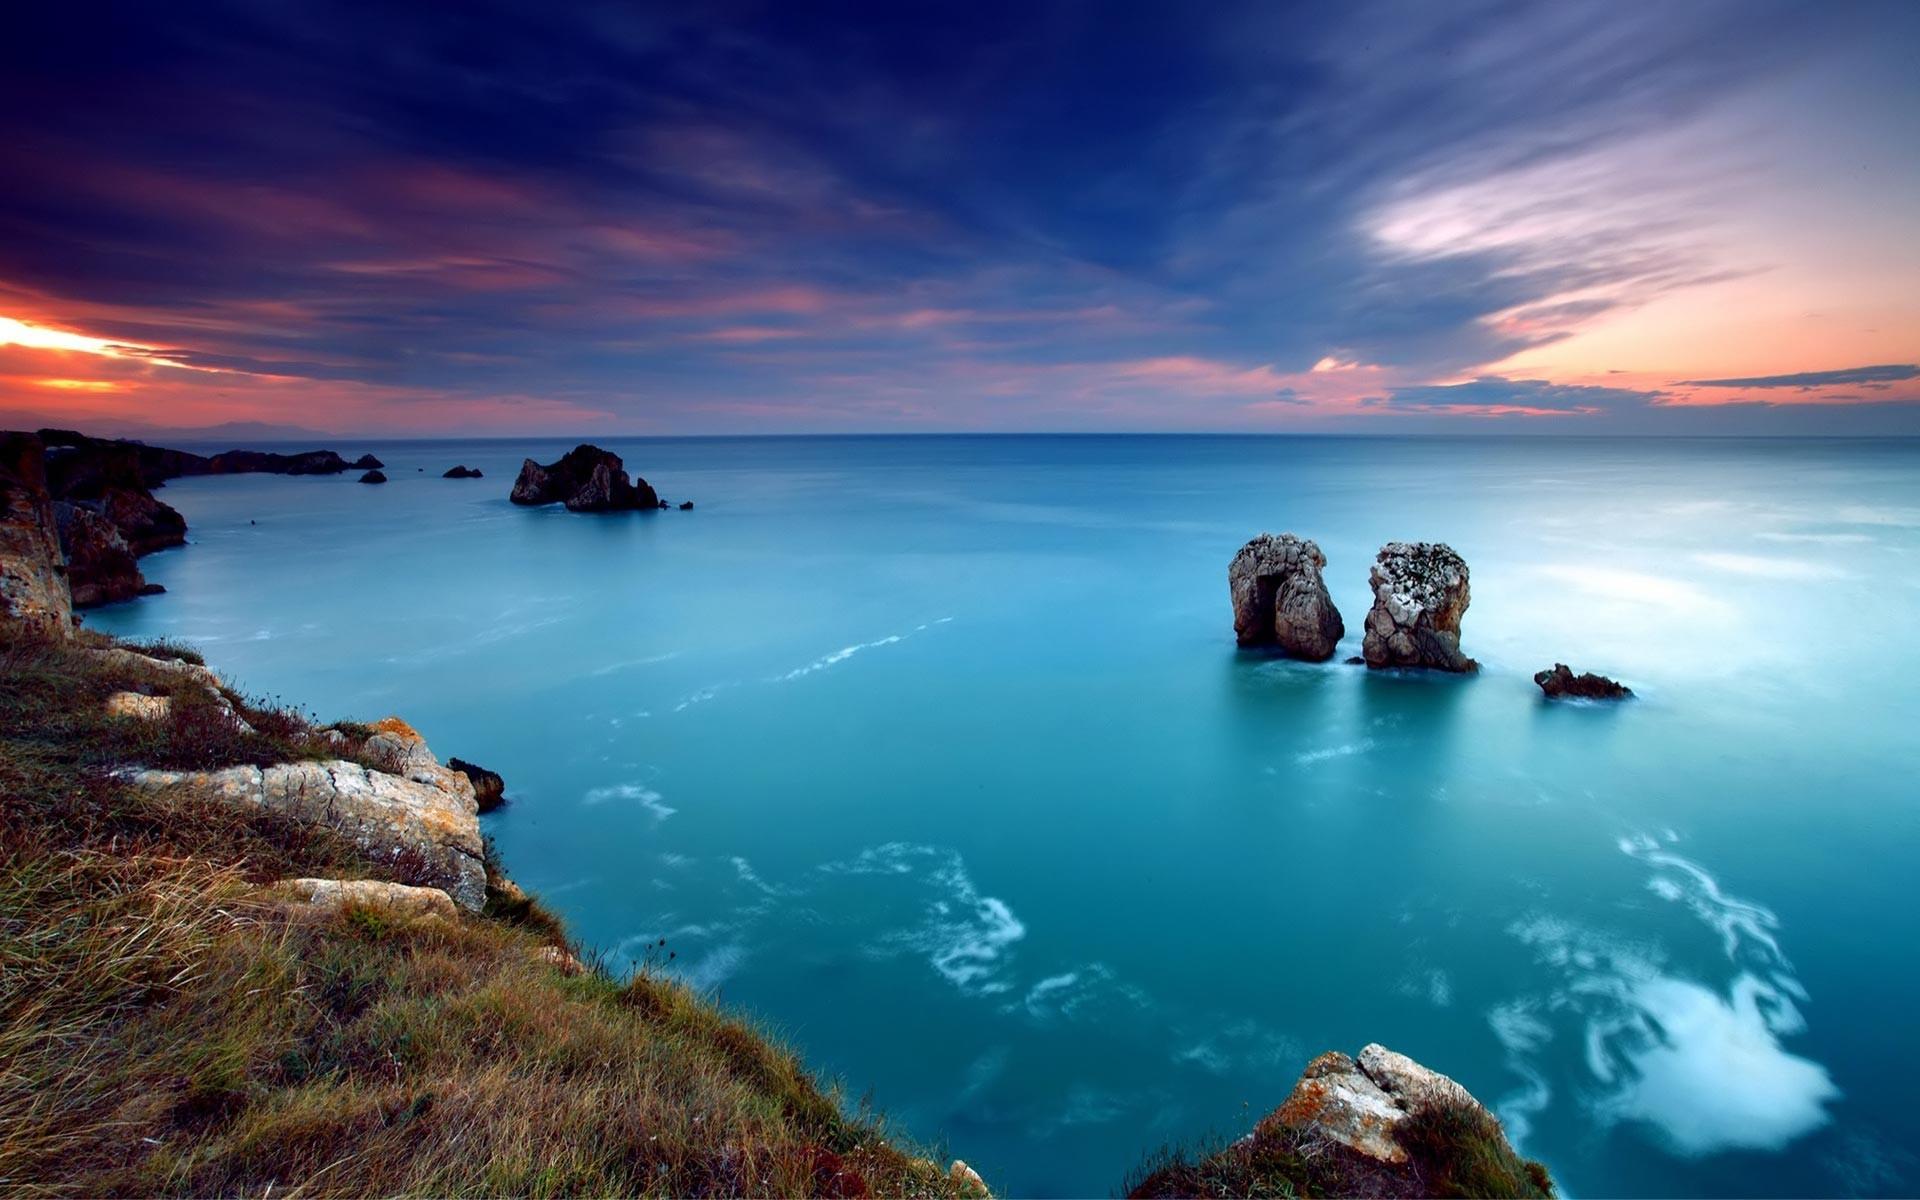 30 Top Hd Wallpapers For Desktop - Sunset Beach Desktop Backgrounds - HD Wallpaper